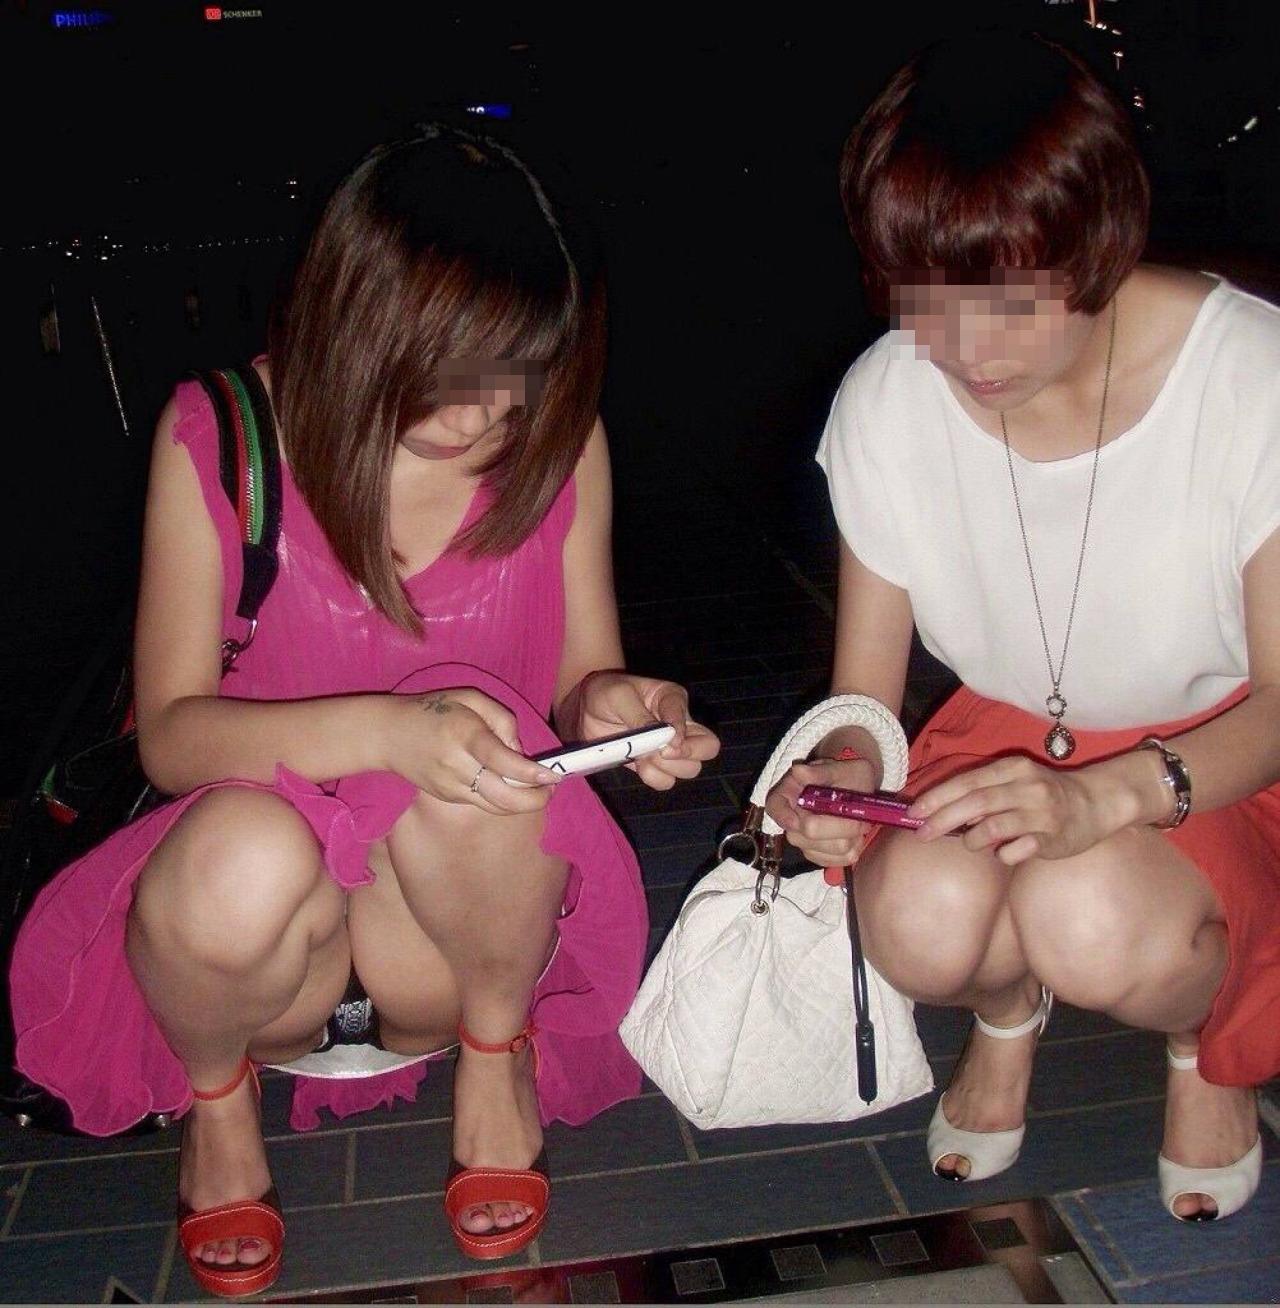 【パンチラエロ画像】そんな簡単でいいの?見せ過ぎ傾向な座りチラ女子www 15